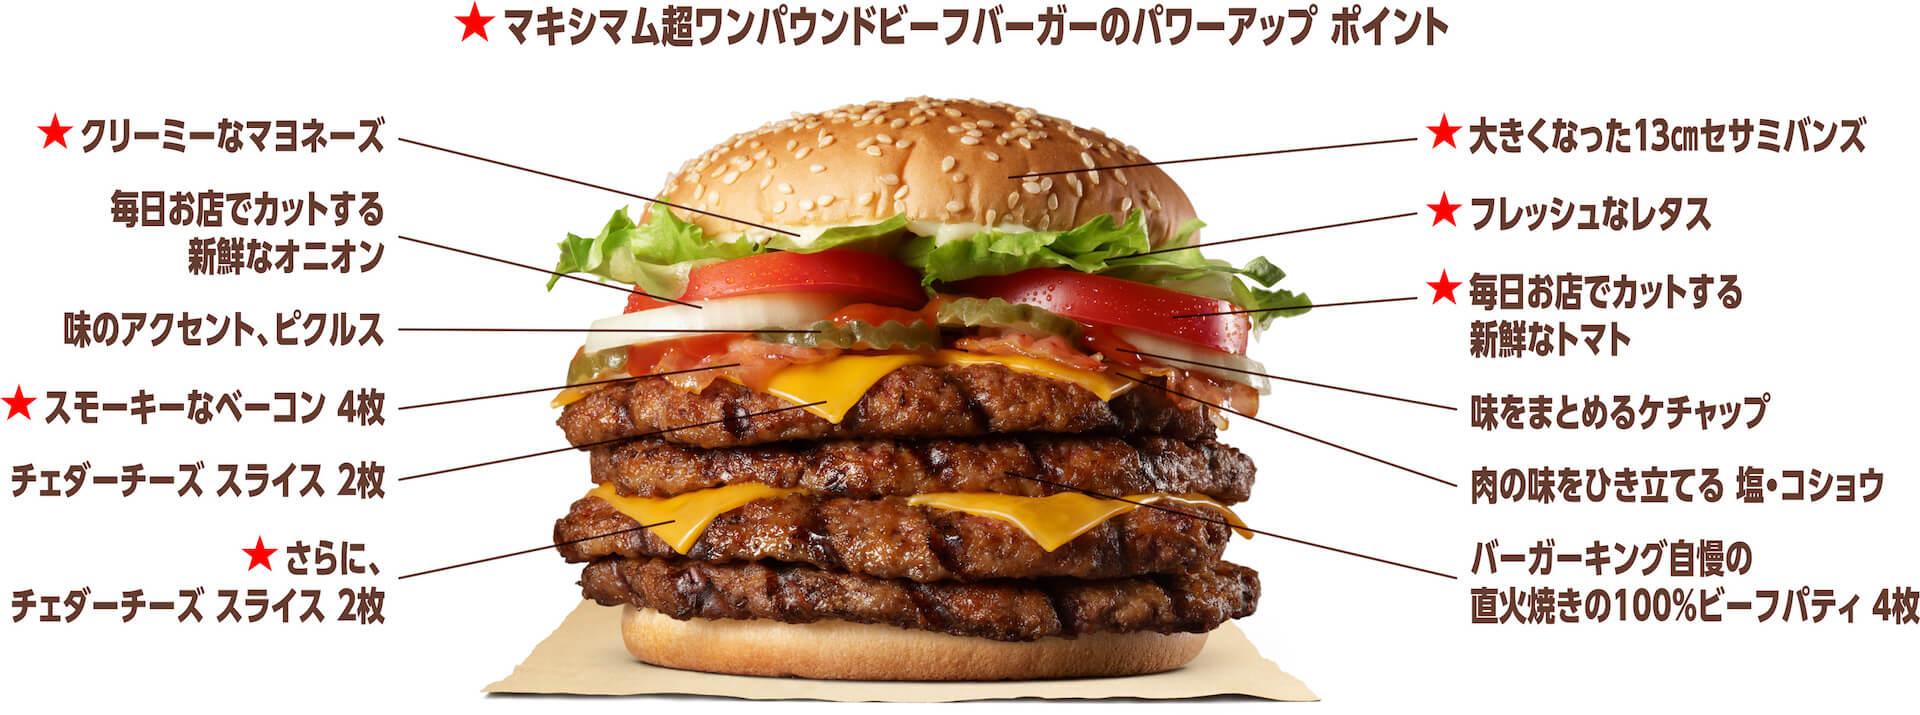 バーガーキングの人気シリーズ・ワンパウンドビーフバーガーが超パワーアップ!総重量607gの『マキシマム超ワンパウンドビーフバーガー』が数量限定発売 gourmet200721_burgerking_1